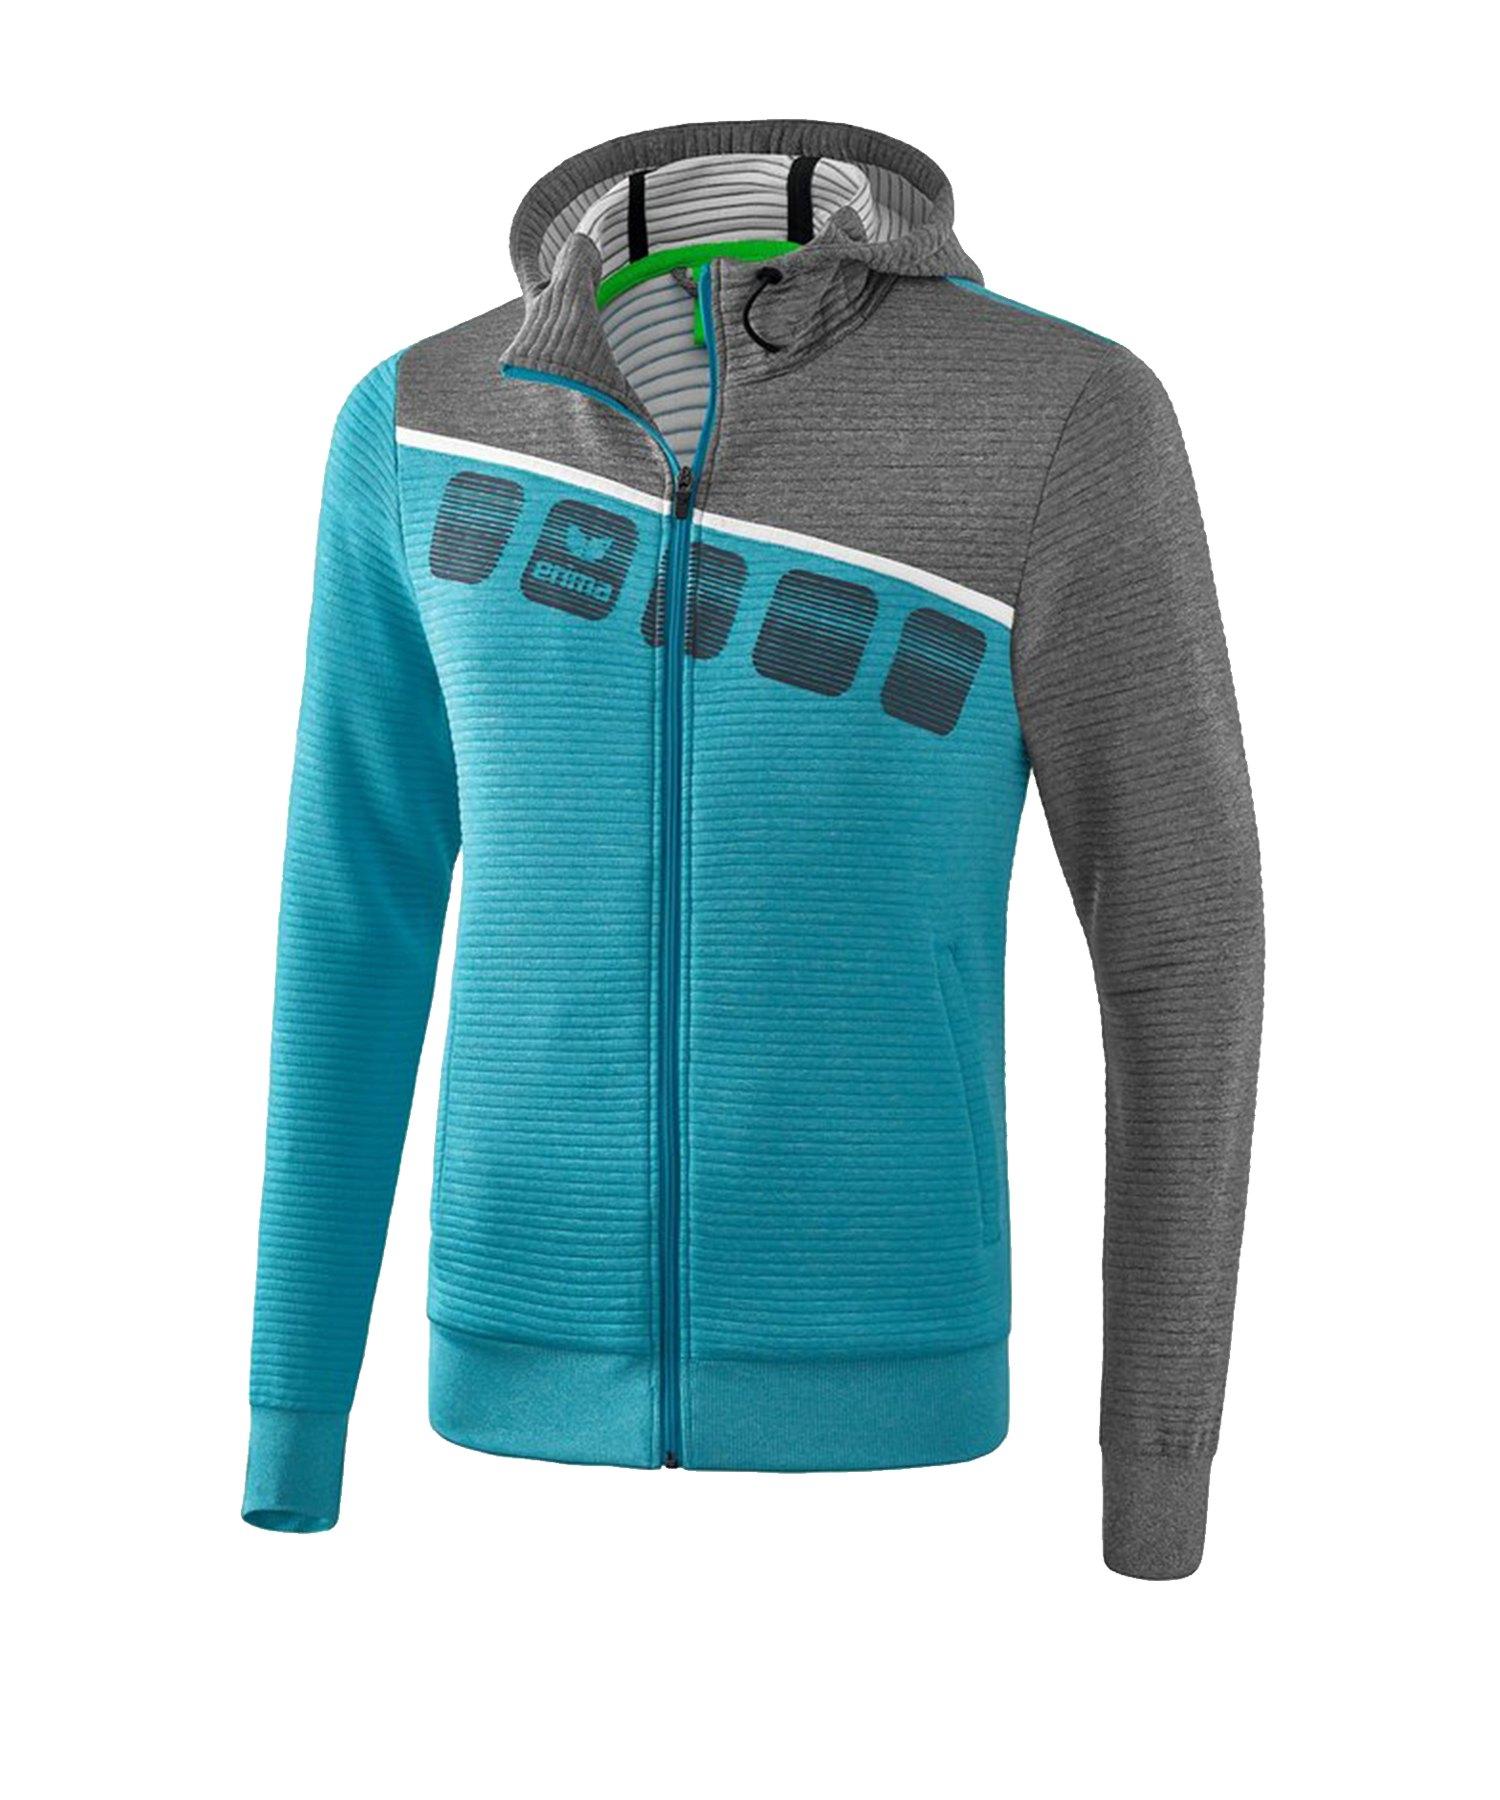 Erima 5-C Trainingsjacke mit Kapuze Blau Grau - Blau